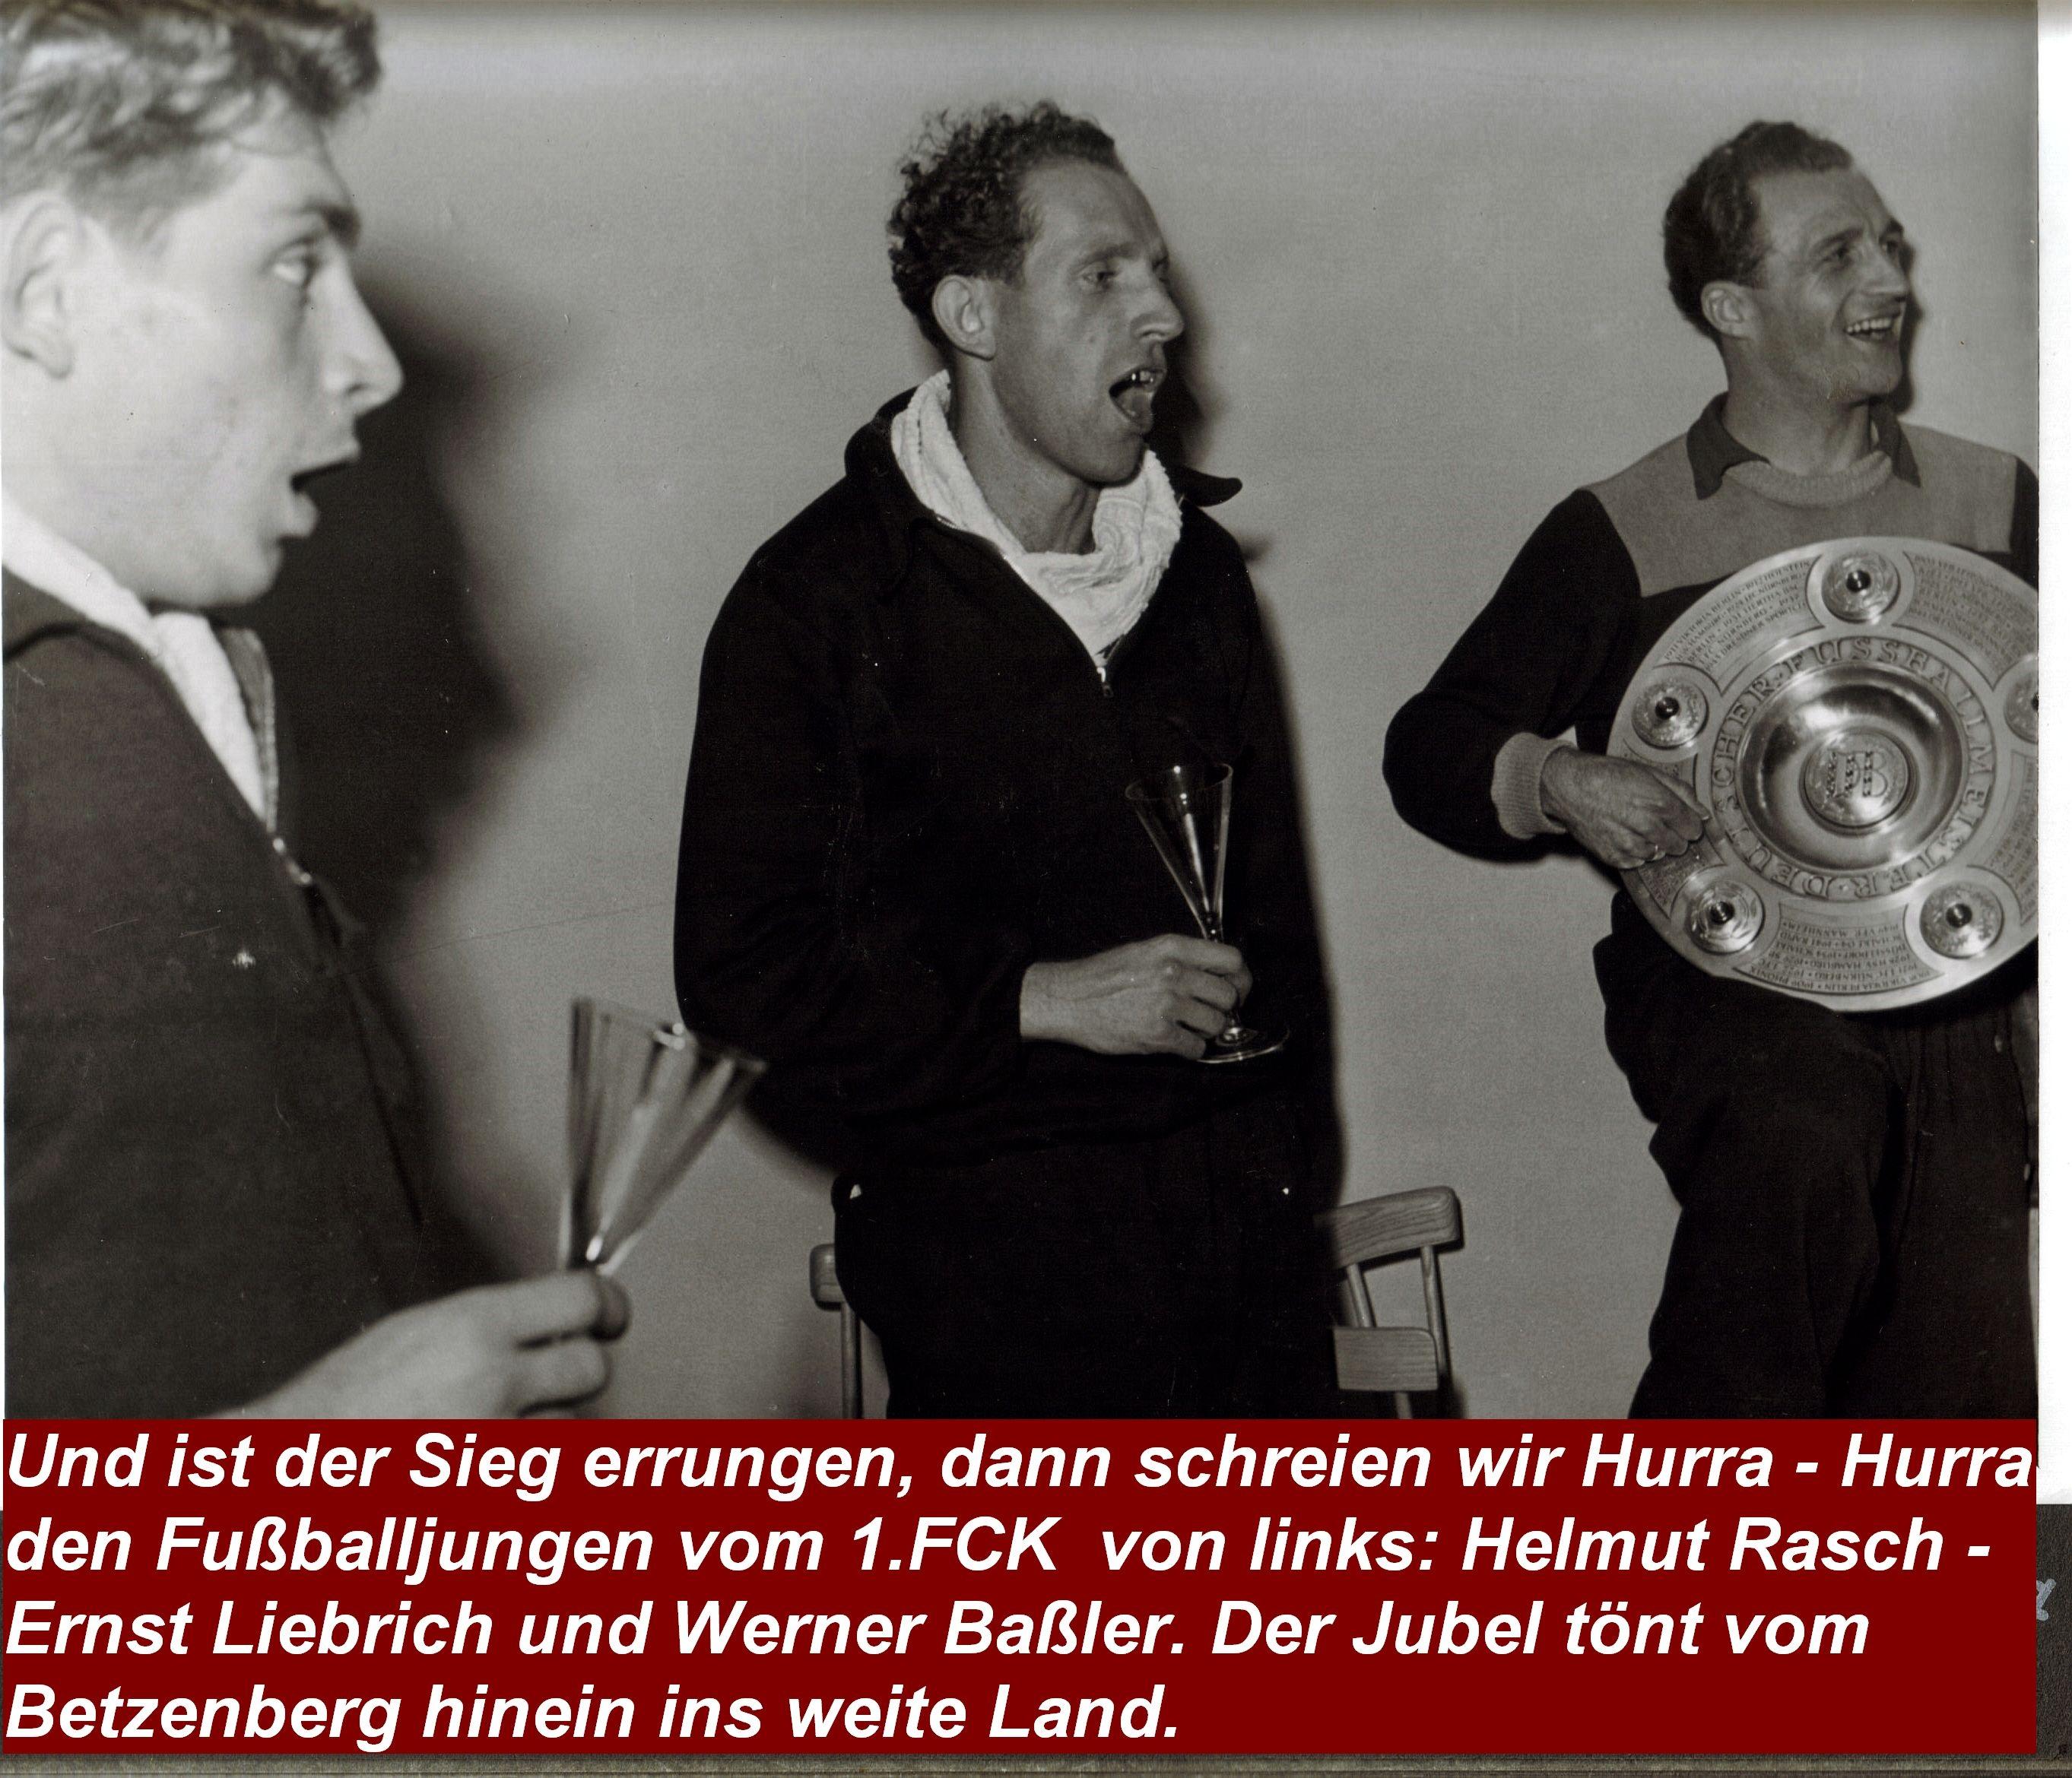 1951 Bild mit Ernst Liebrich